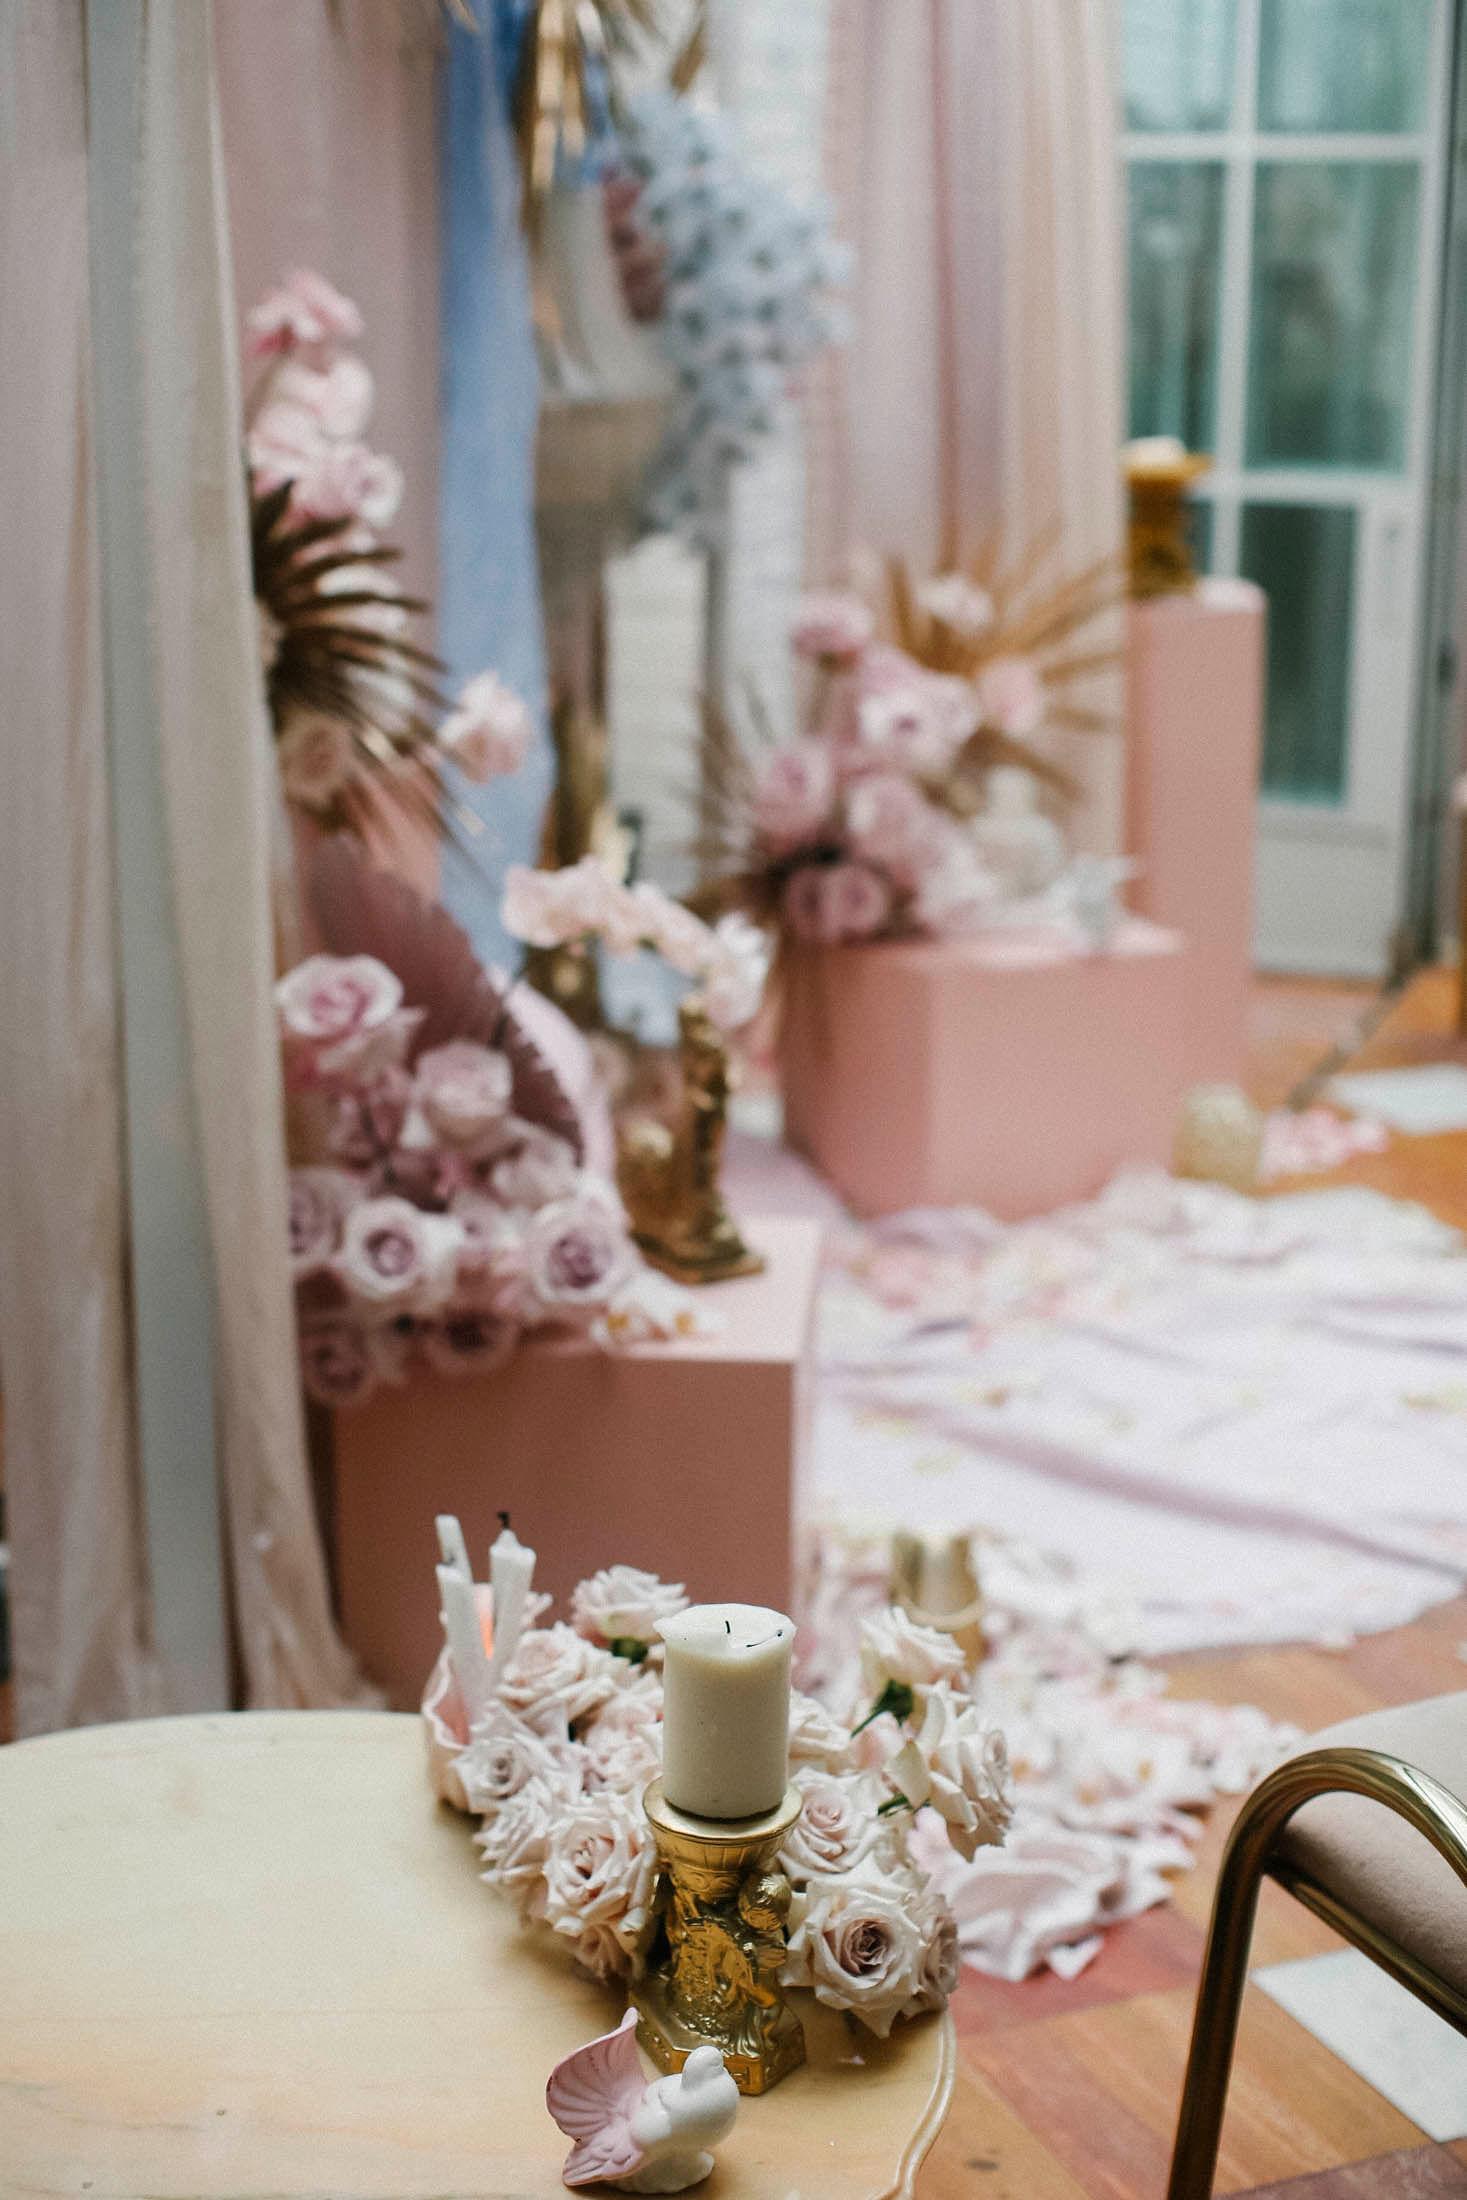 Lara + Cass Bohemian Blooms table arrangement ceremony juliet's bedroom